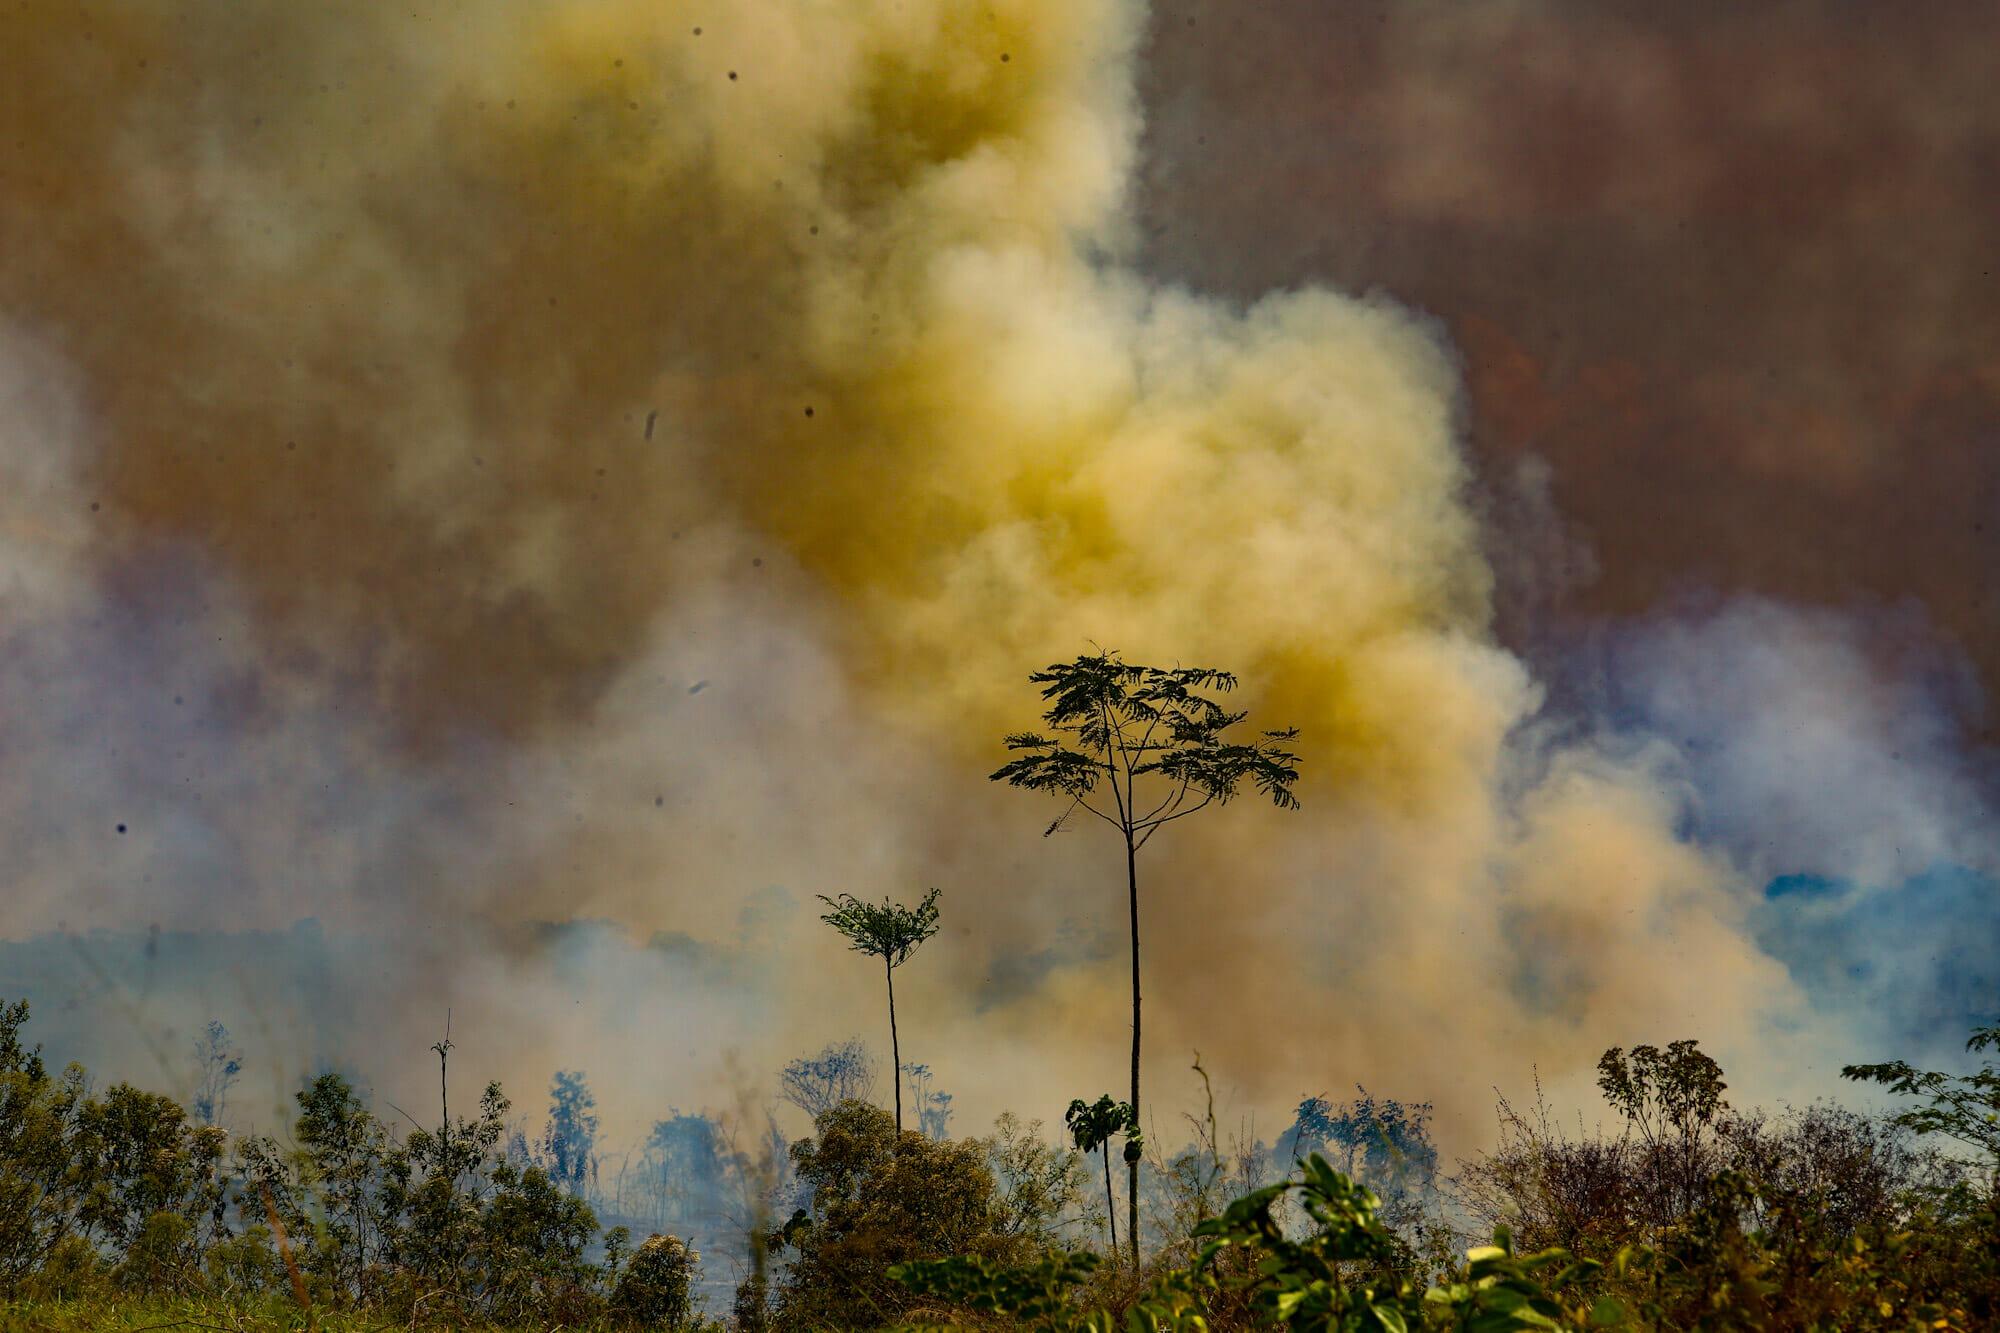 Amazônia em Chamas 20: Três estados lideram o ranking das queimadas na Floresta Amazônica